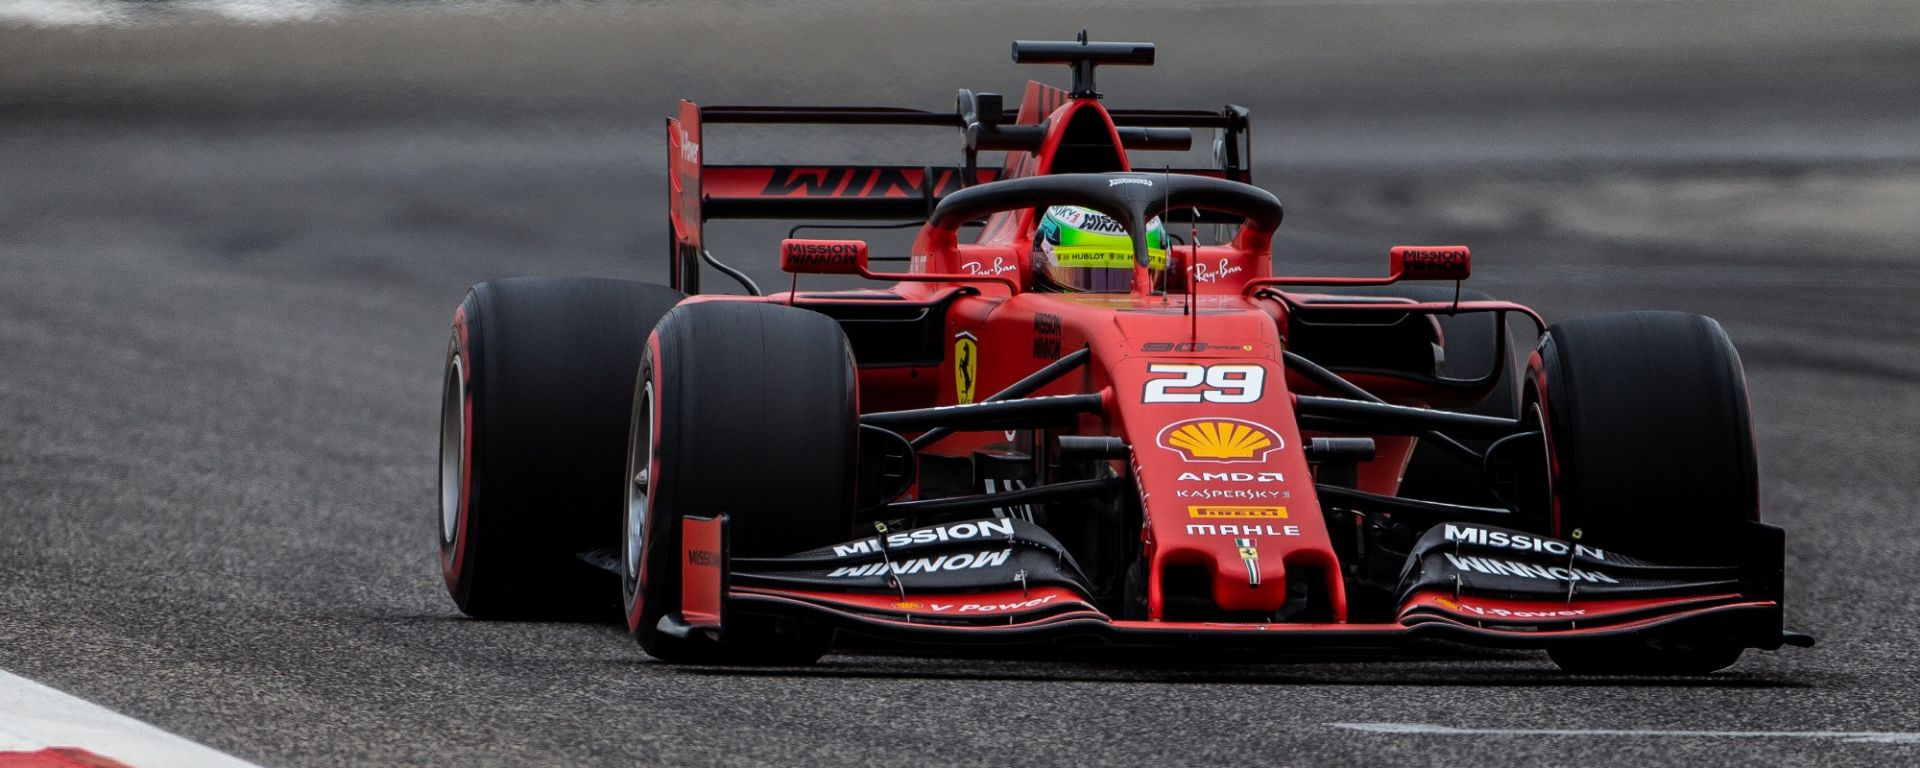 Tutti i numeri dei due giorni di test F1 in Bahrain